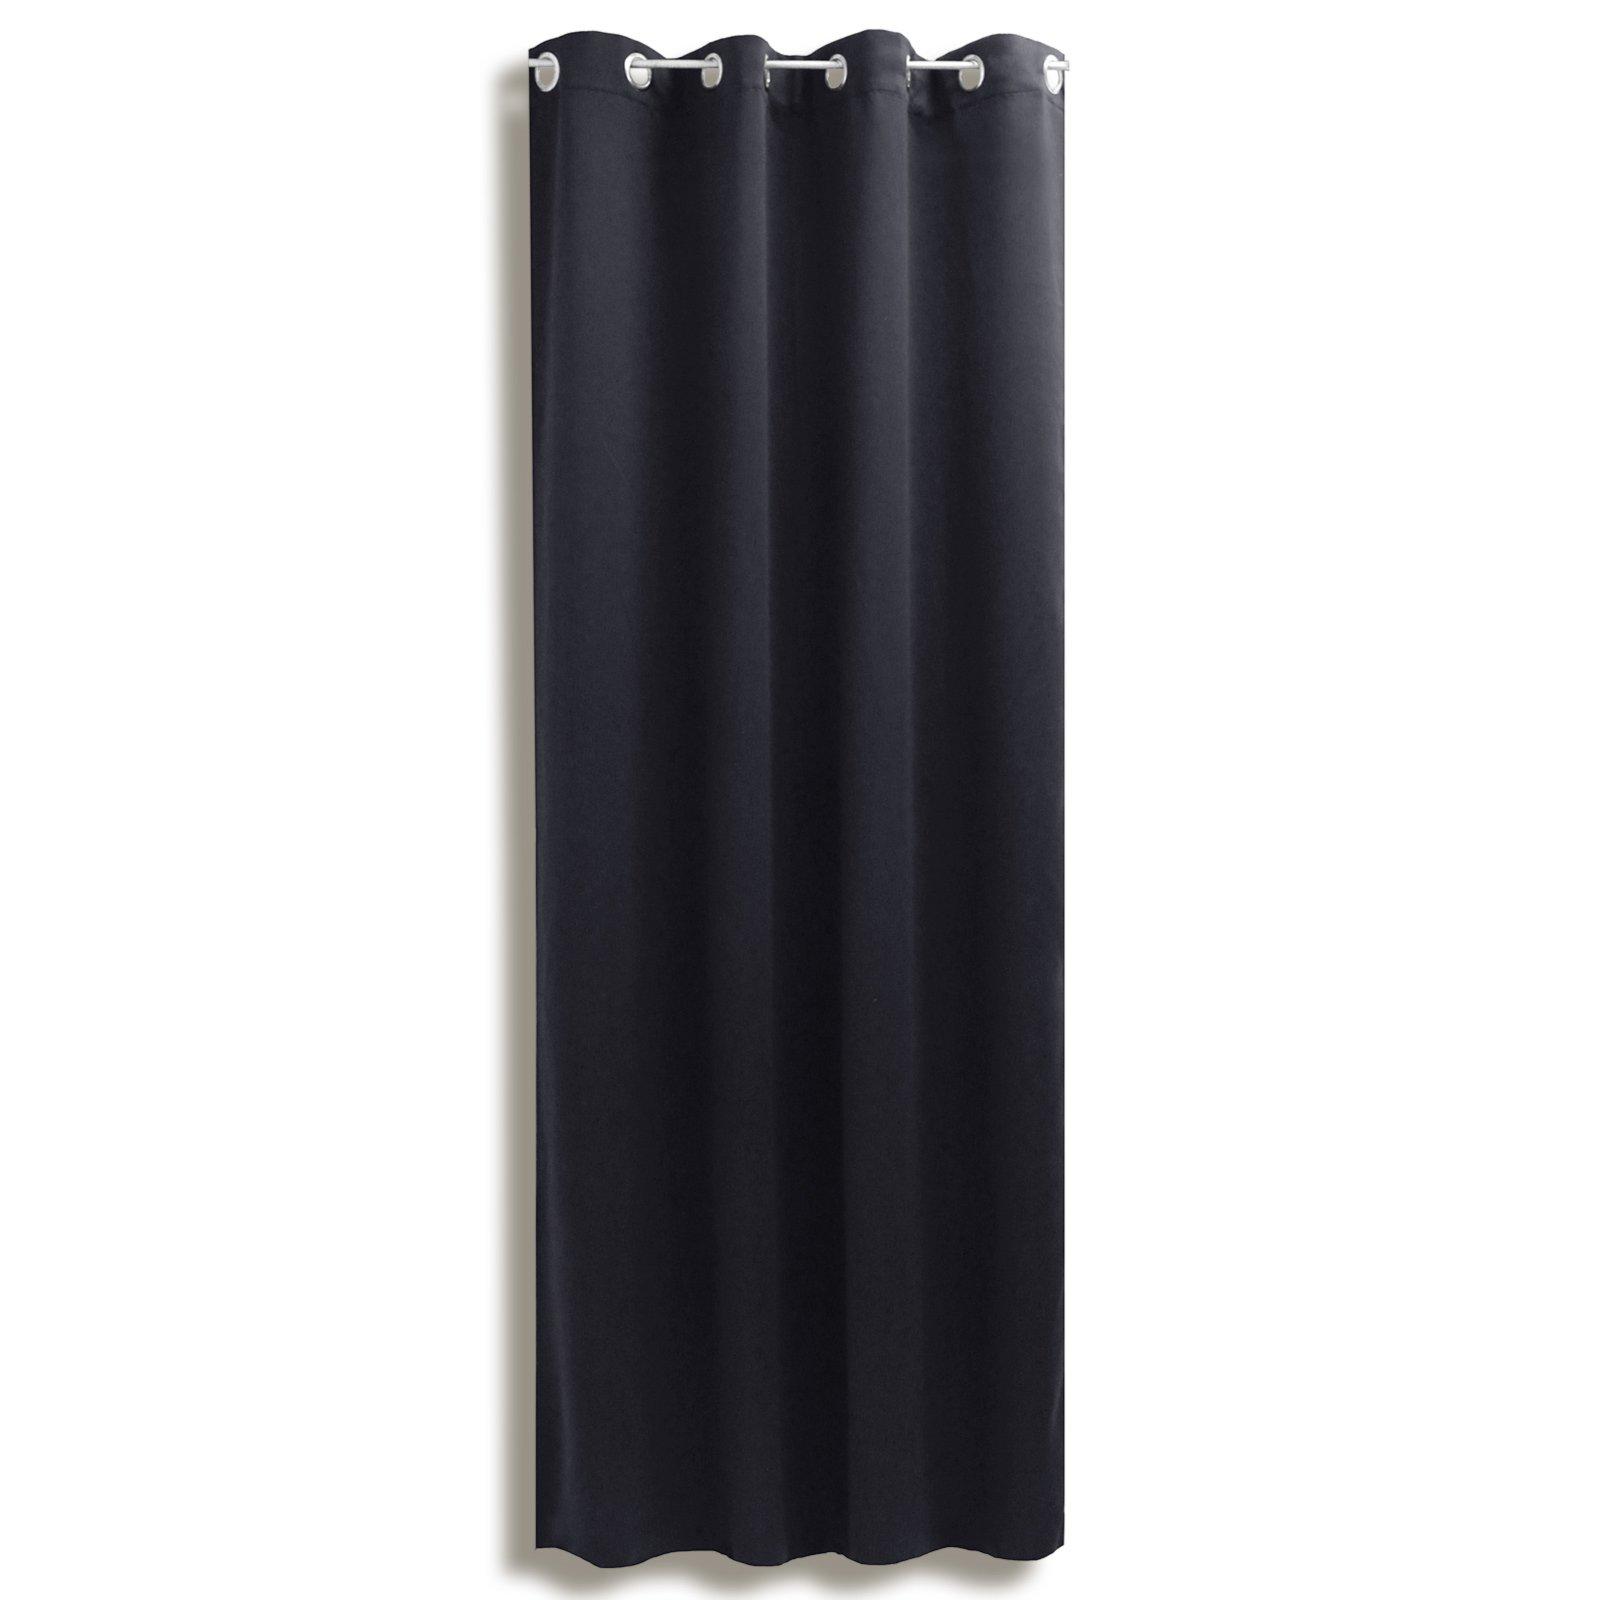 Verdunklungsvorhang LANOS - schwarz - 140x175 cm